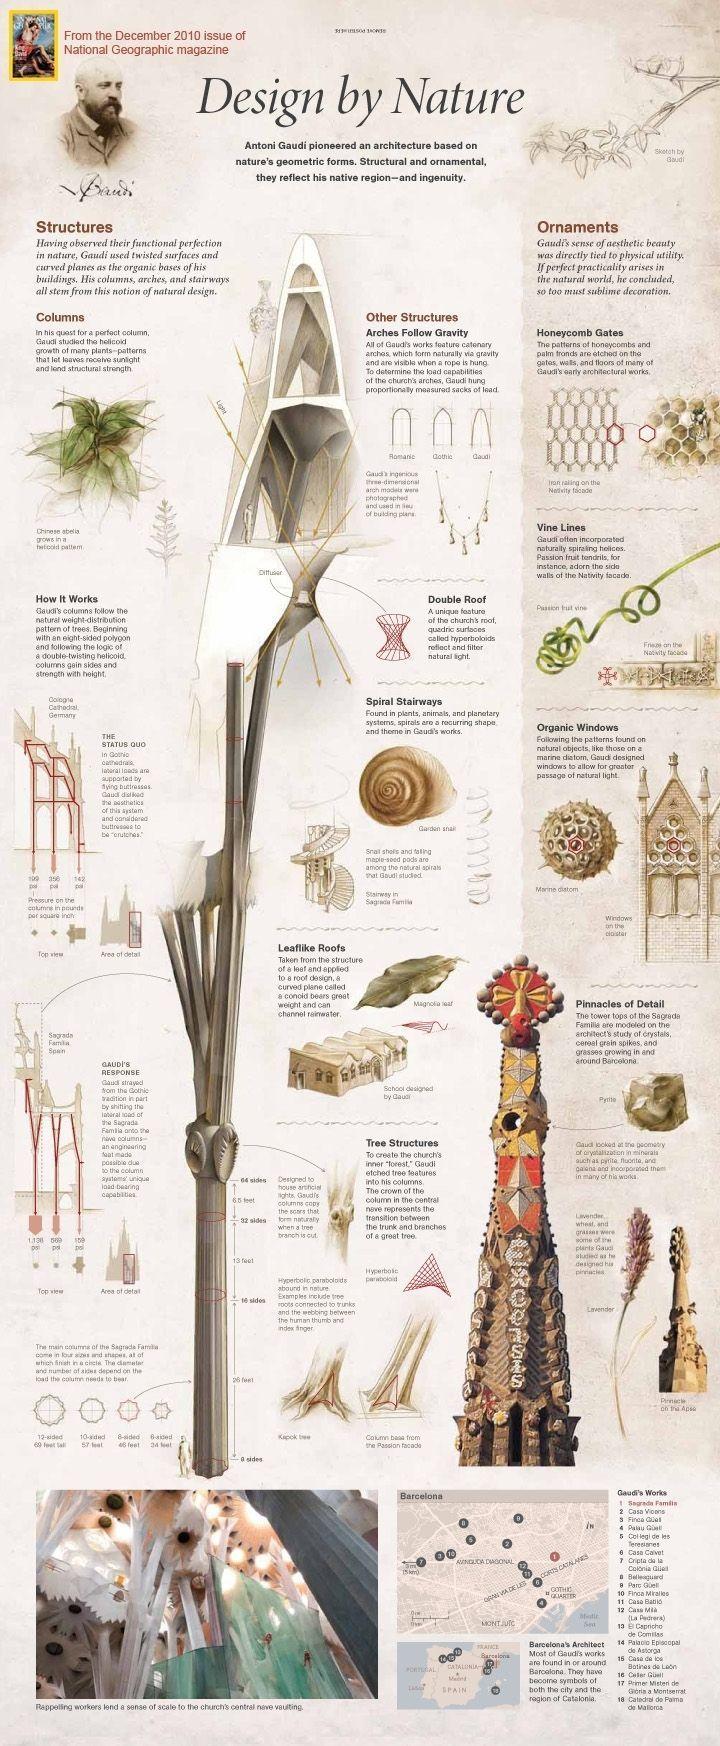 Antoni Gaudí   Info-graphic - Design by nature   Basílica i Temple Expiatori de la Sagrada Família: